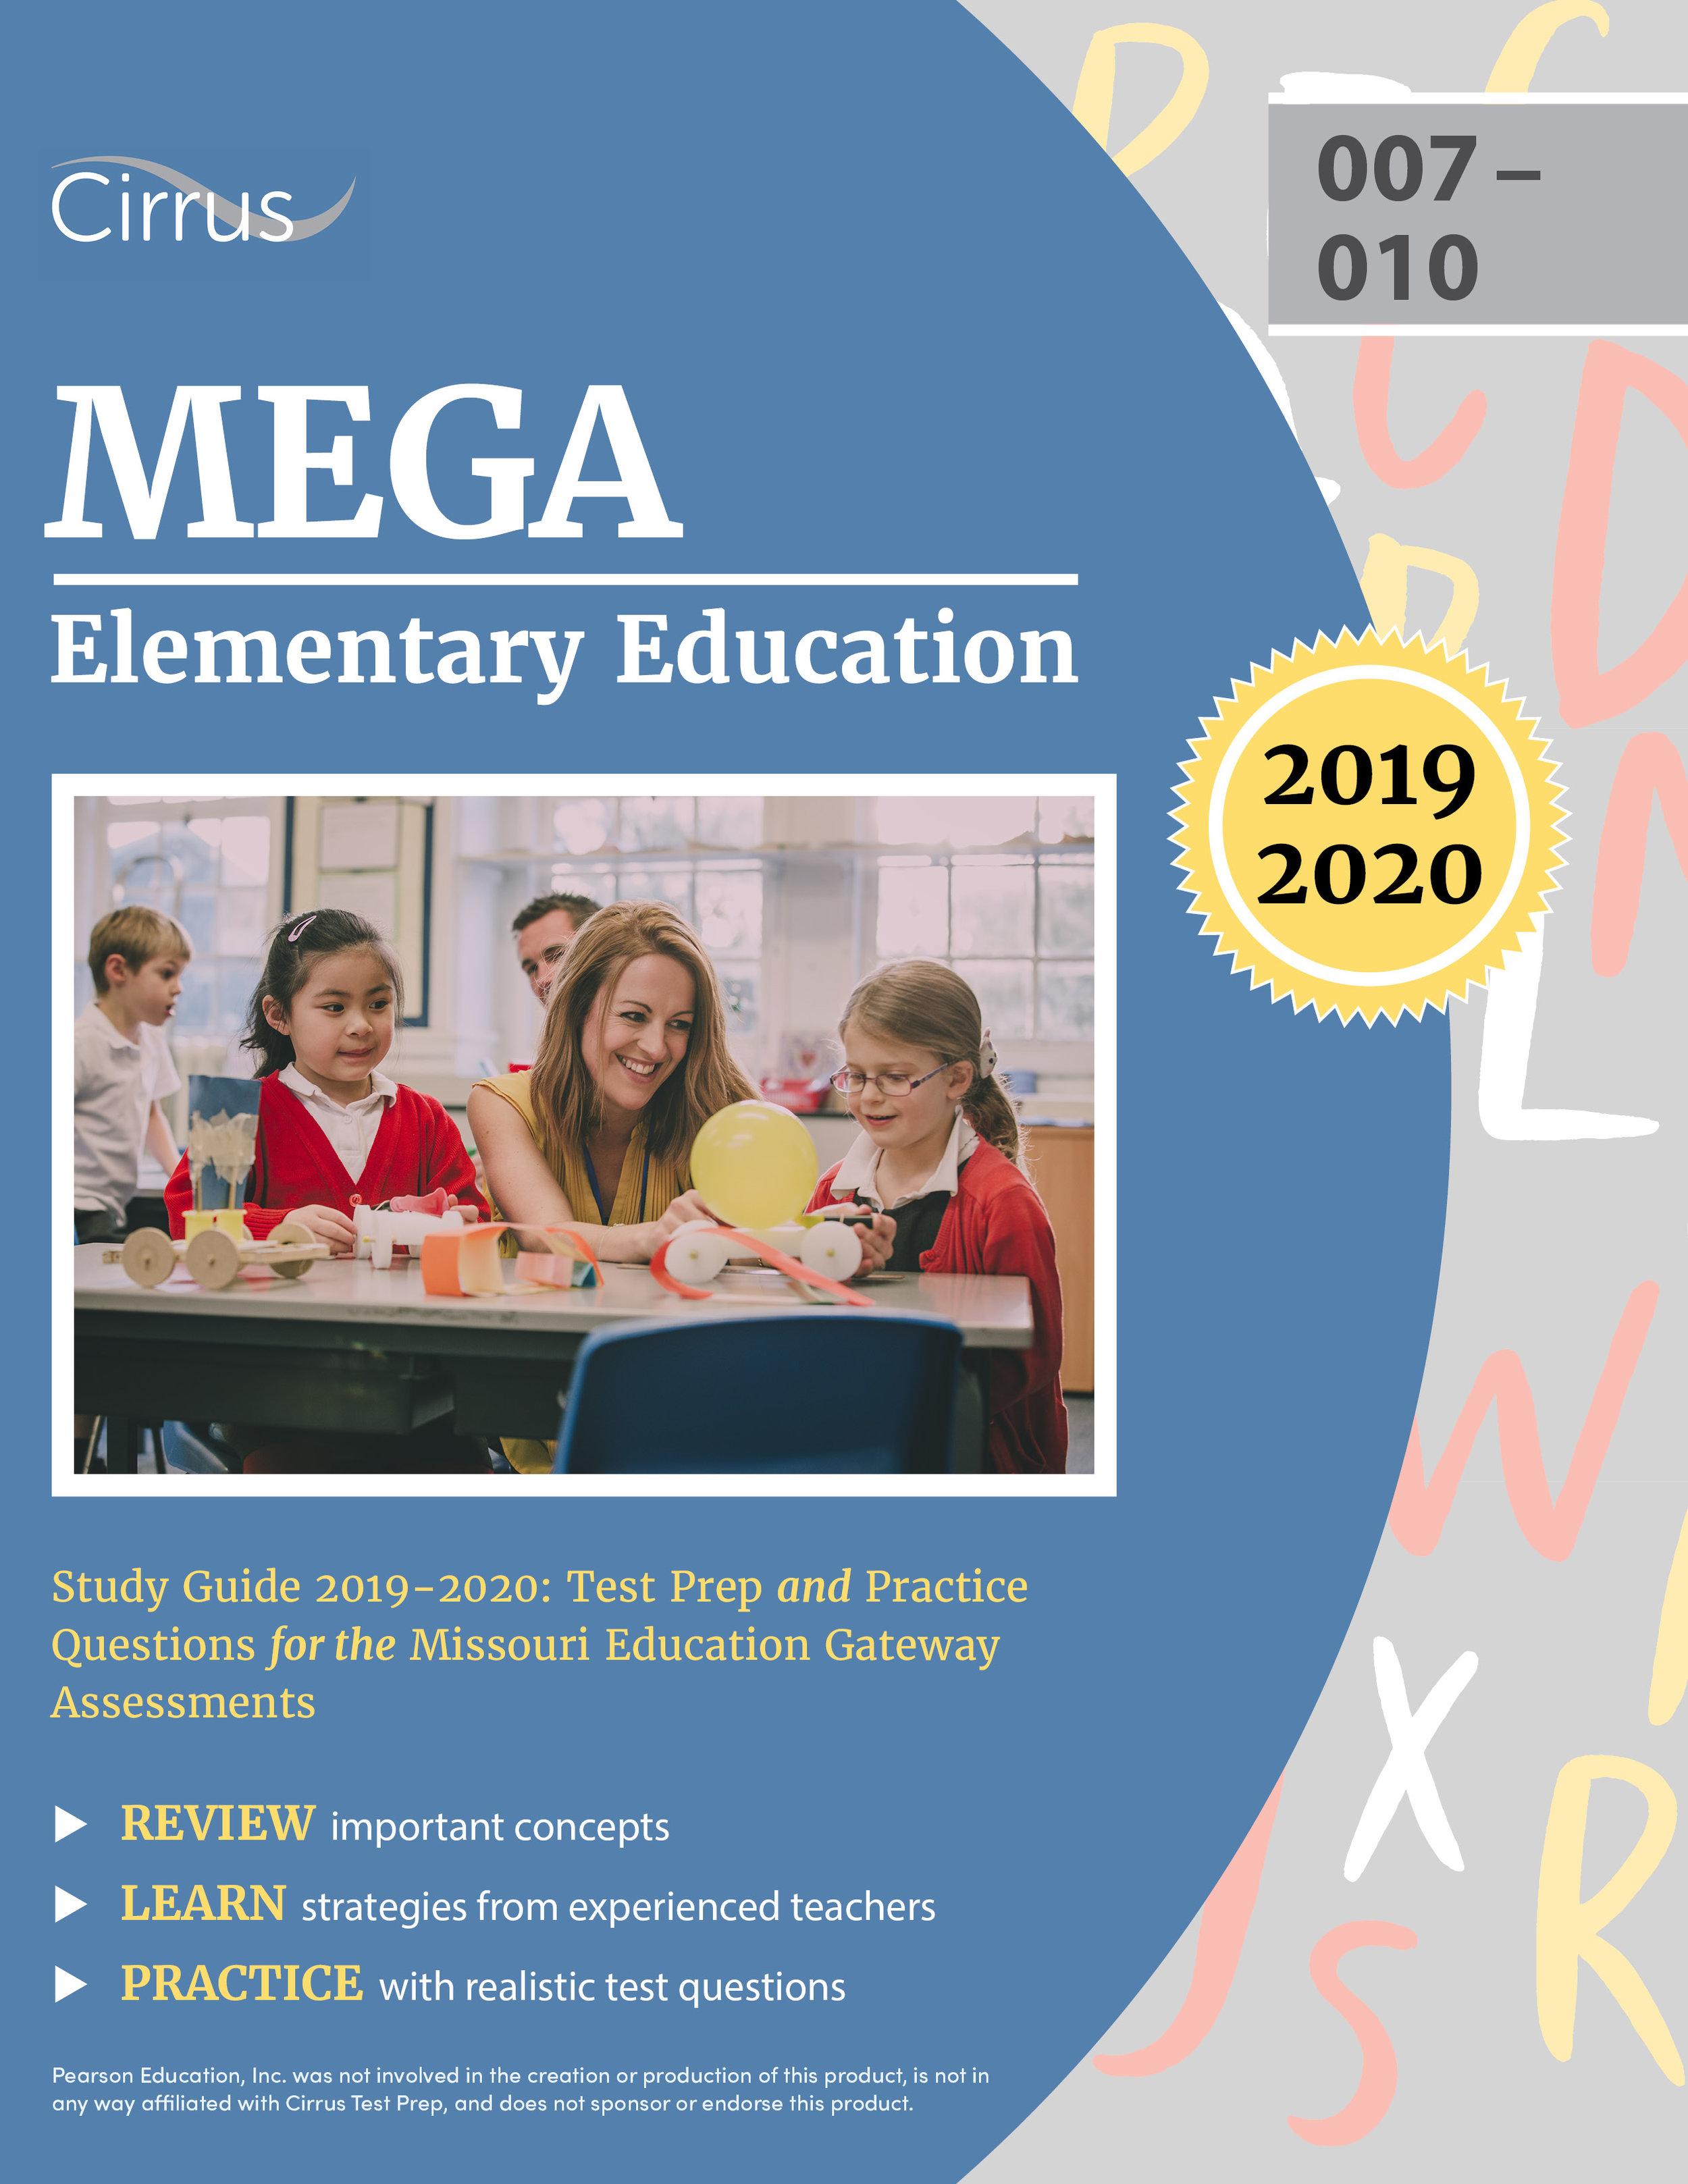 MEGA_2019_cover_website.jpg